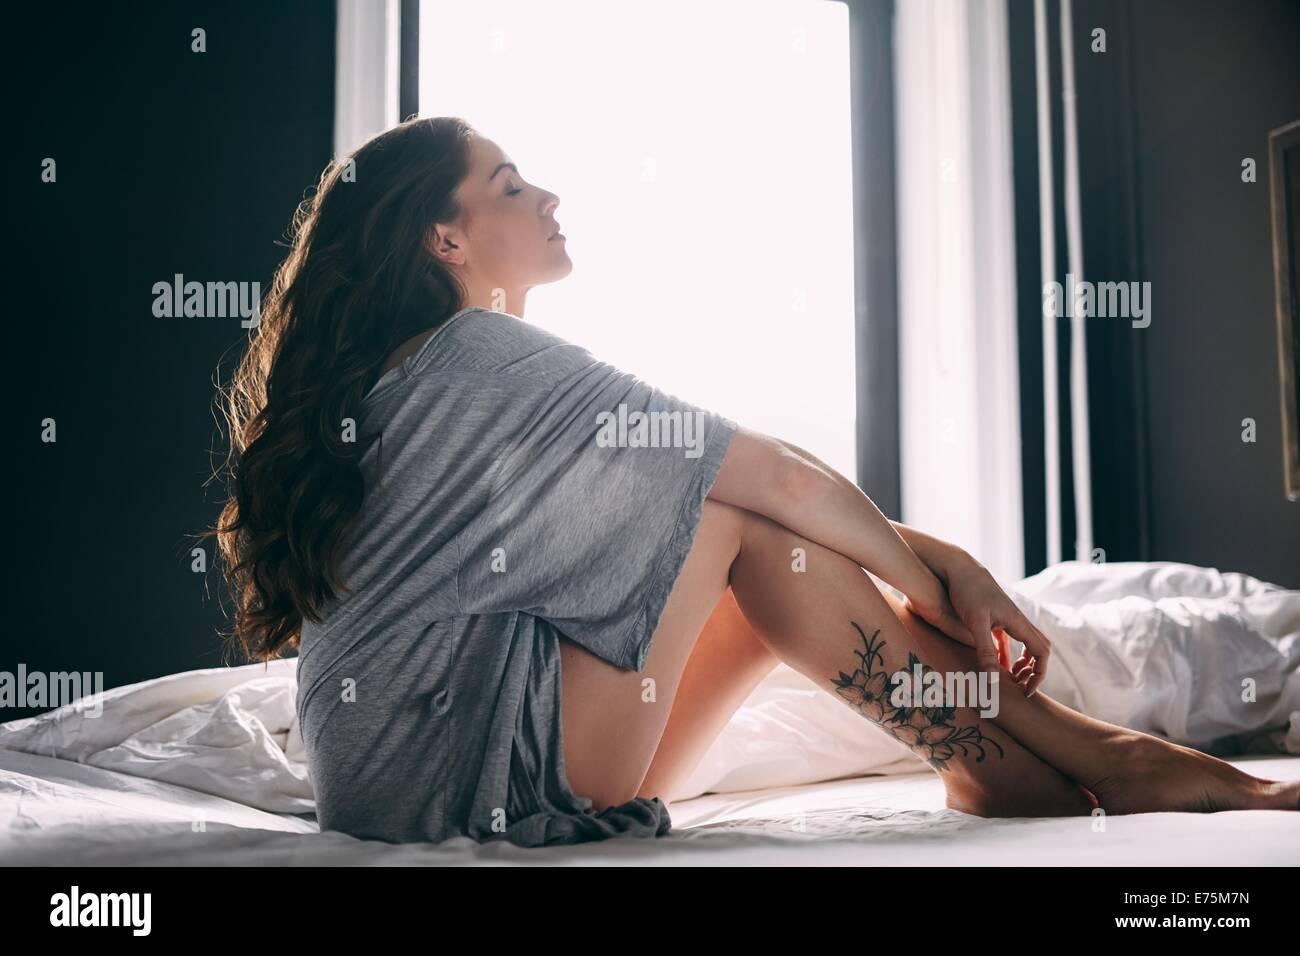 Vue de côté de femme assise détendu sur le lit avec les yeux fermés. Femme détendue dans Photo Stock